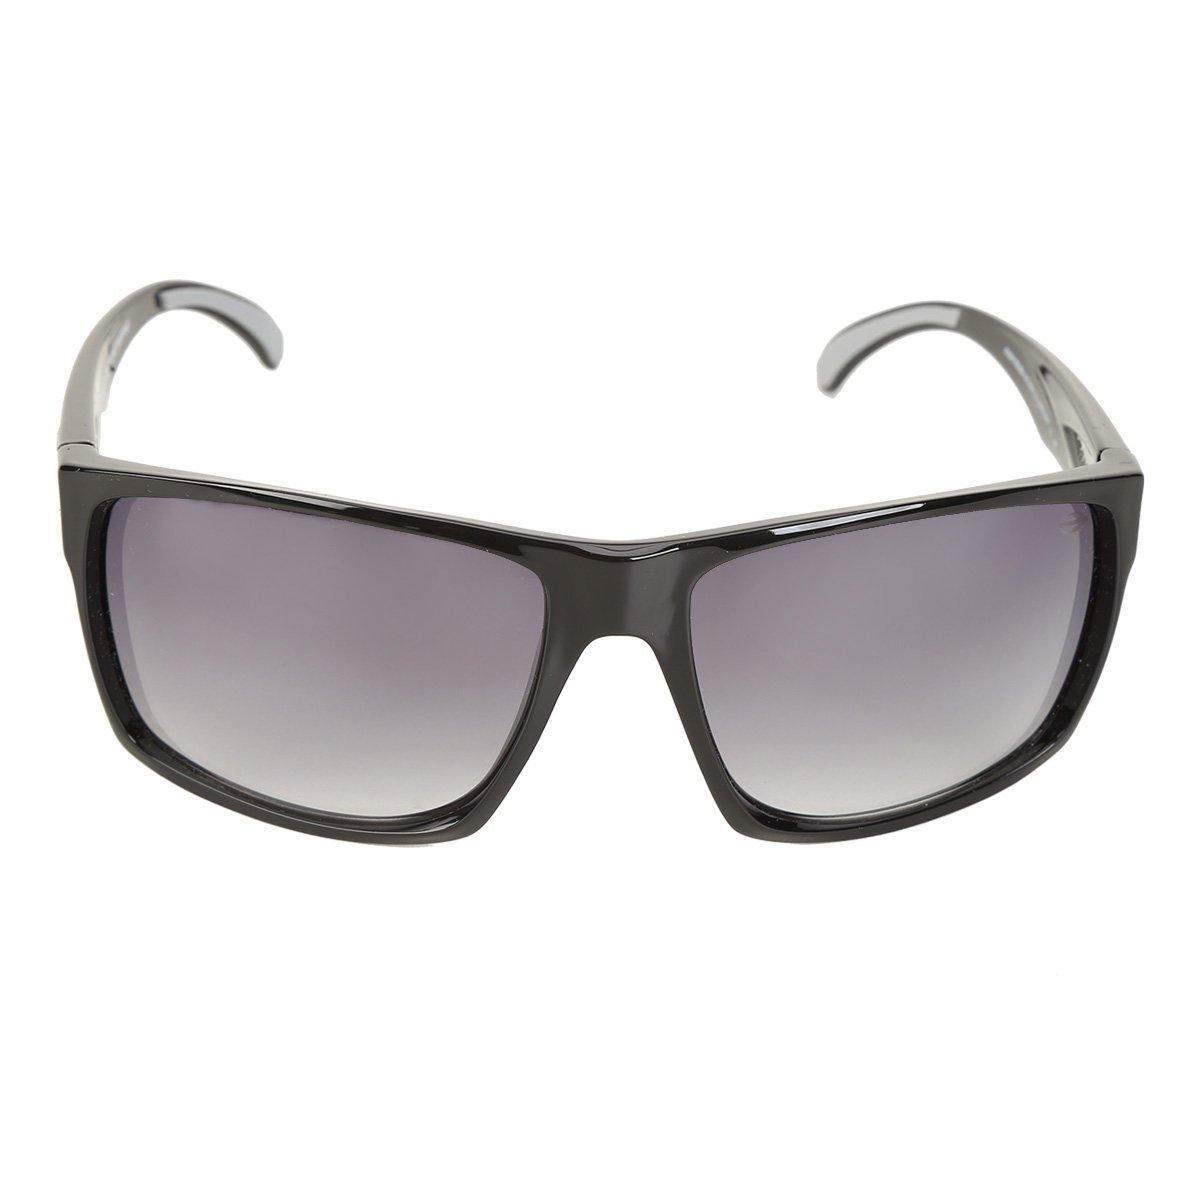 Óculos de Sol Mormaii Carmel Brilho Degrade Masculino   Livelo -Sua ... 3b5aae14b5